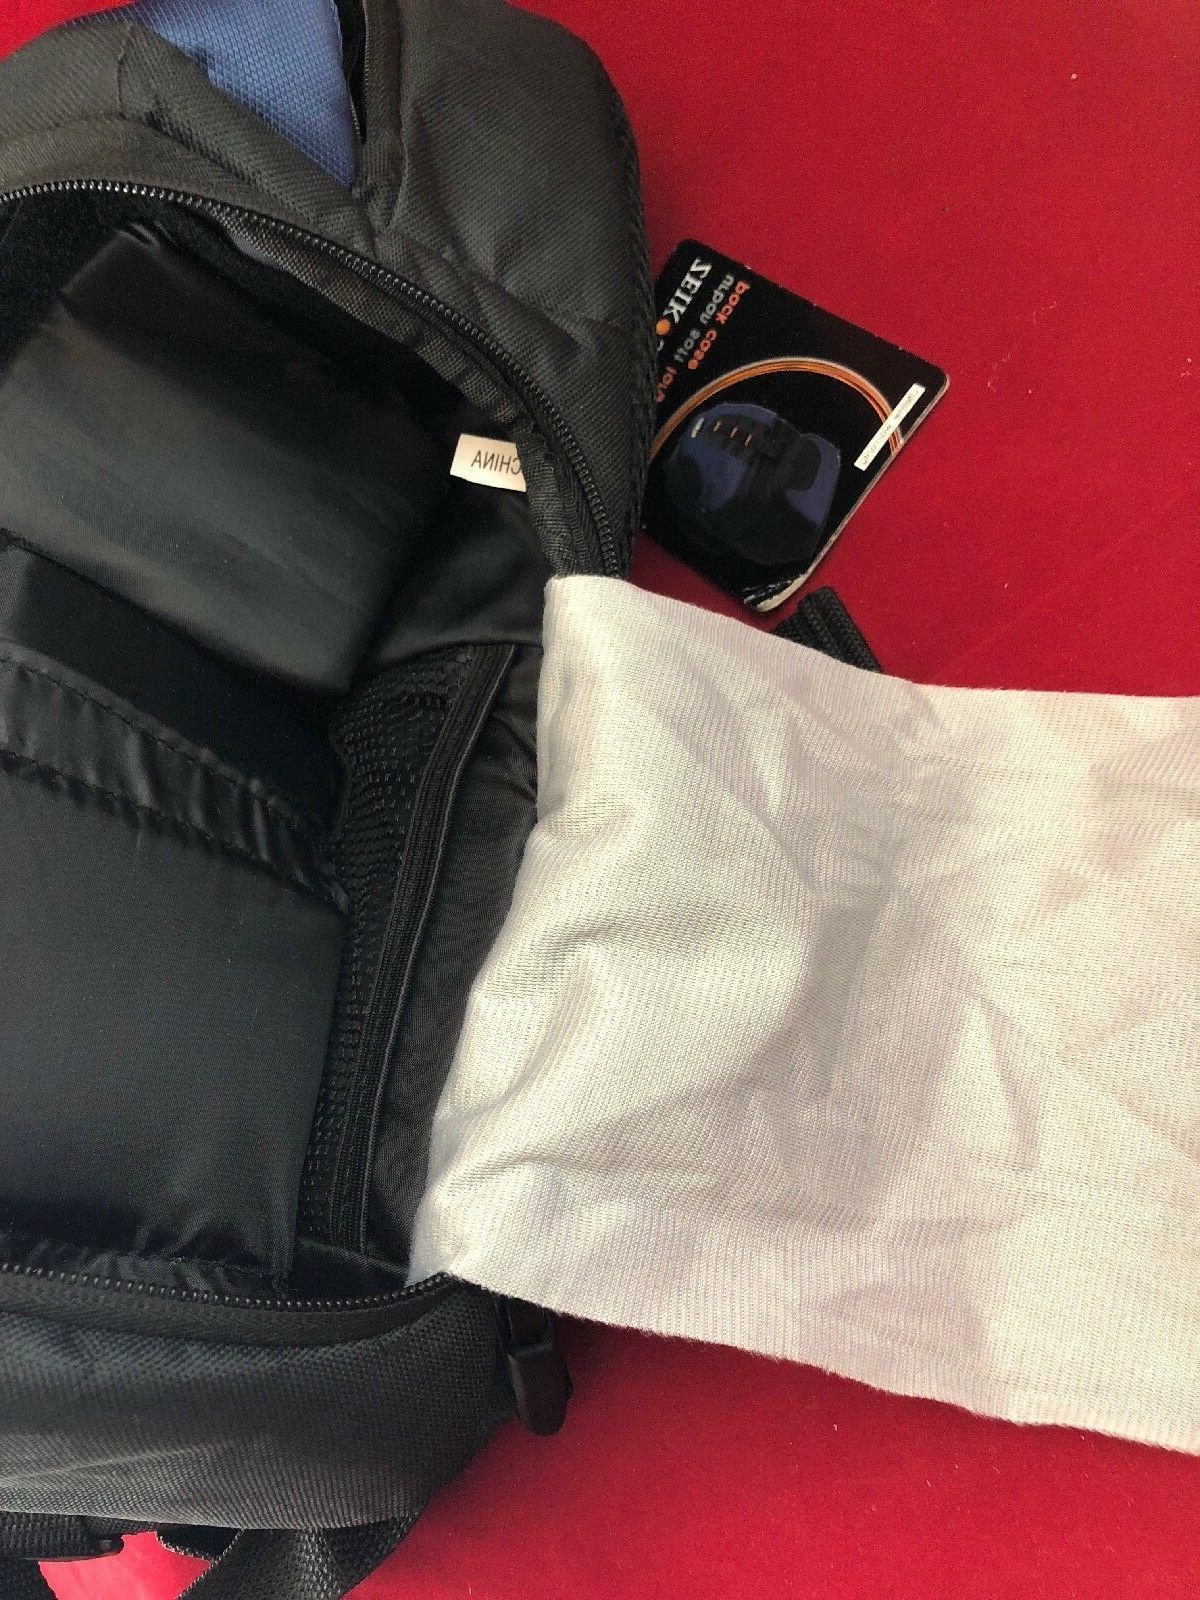 Zeikos DSLR Large Bag Pack ShoulderStrap Navy Blue/ NEW